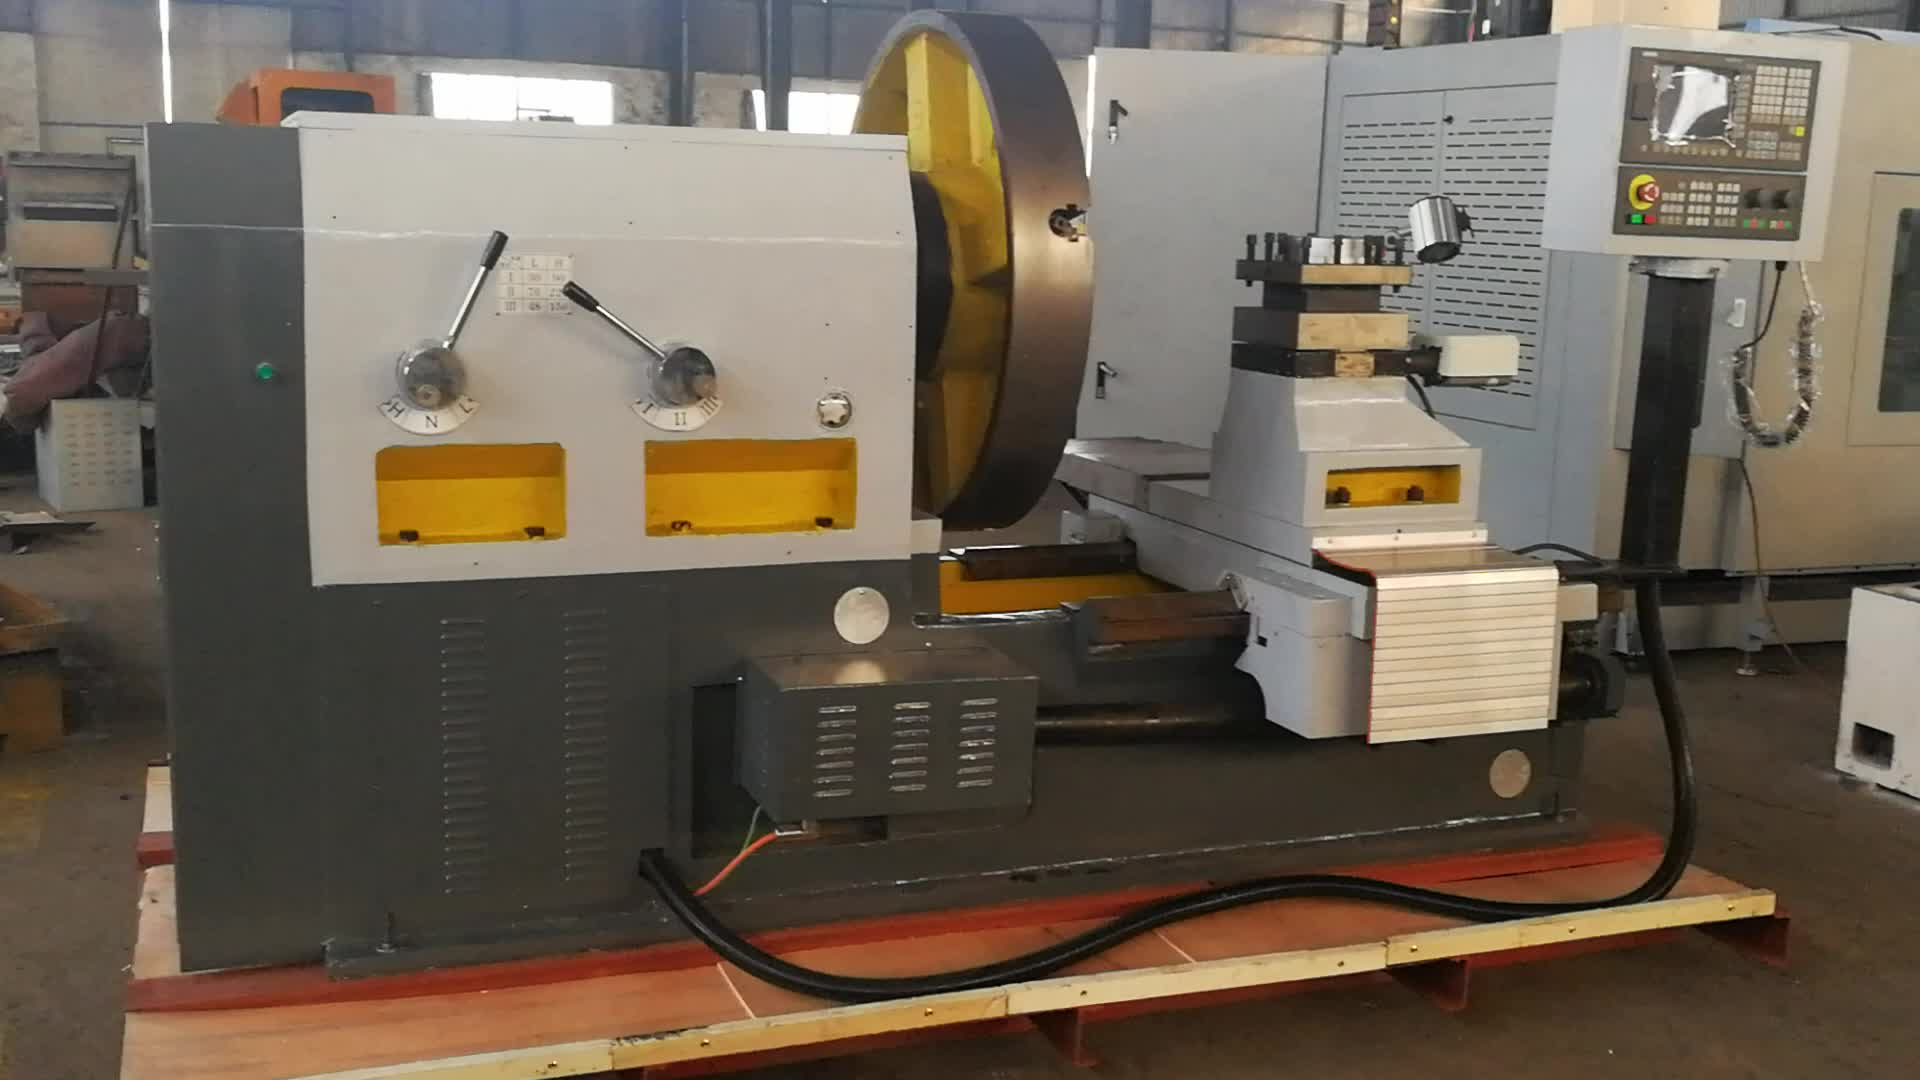 CK64125 CNC רכזת מקורבות מחרטה מפנה מחרטה גלגל חיתוך כלים למכירה